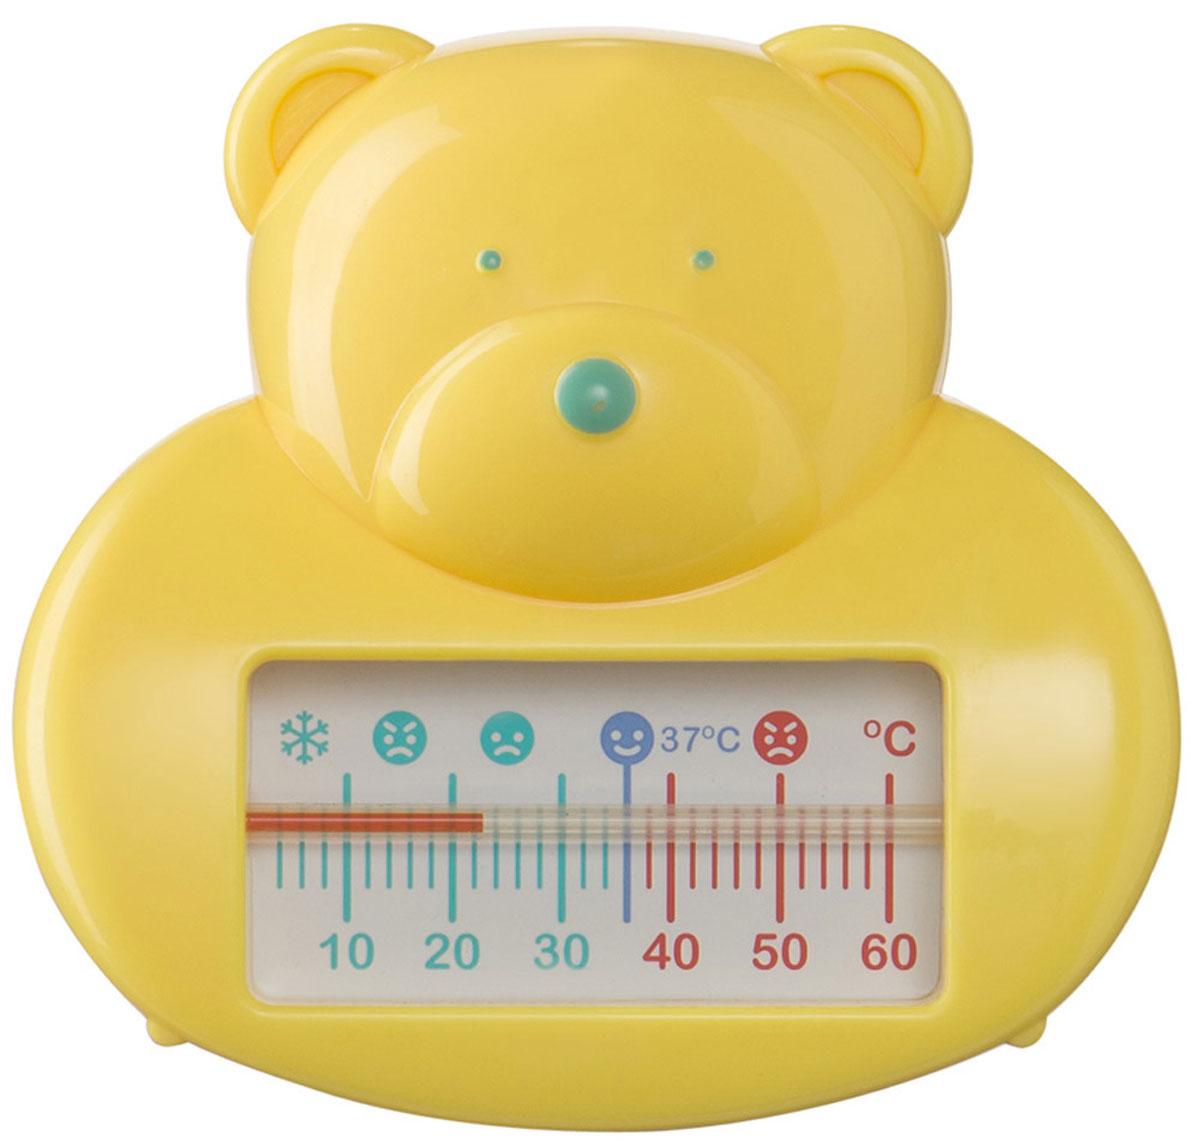 Забавная форма термометра в виде мишки порадует малыша во время купания, а удобная шкала поможет определить оптимальную температуру для купания.Термометр используется для измерения температуры воды.Никогда не оставляйте ребенка без присмотра во время купания. Перед купанием убедитесь, что температура воды не выше 37 °C. Перед тем, как опустить термометр в ванну, перемешайте воду. Затем опустите термометр в воду и держите как минимум одну минуту.Перед использованием необходимо вымыть.